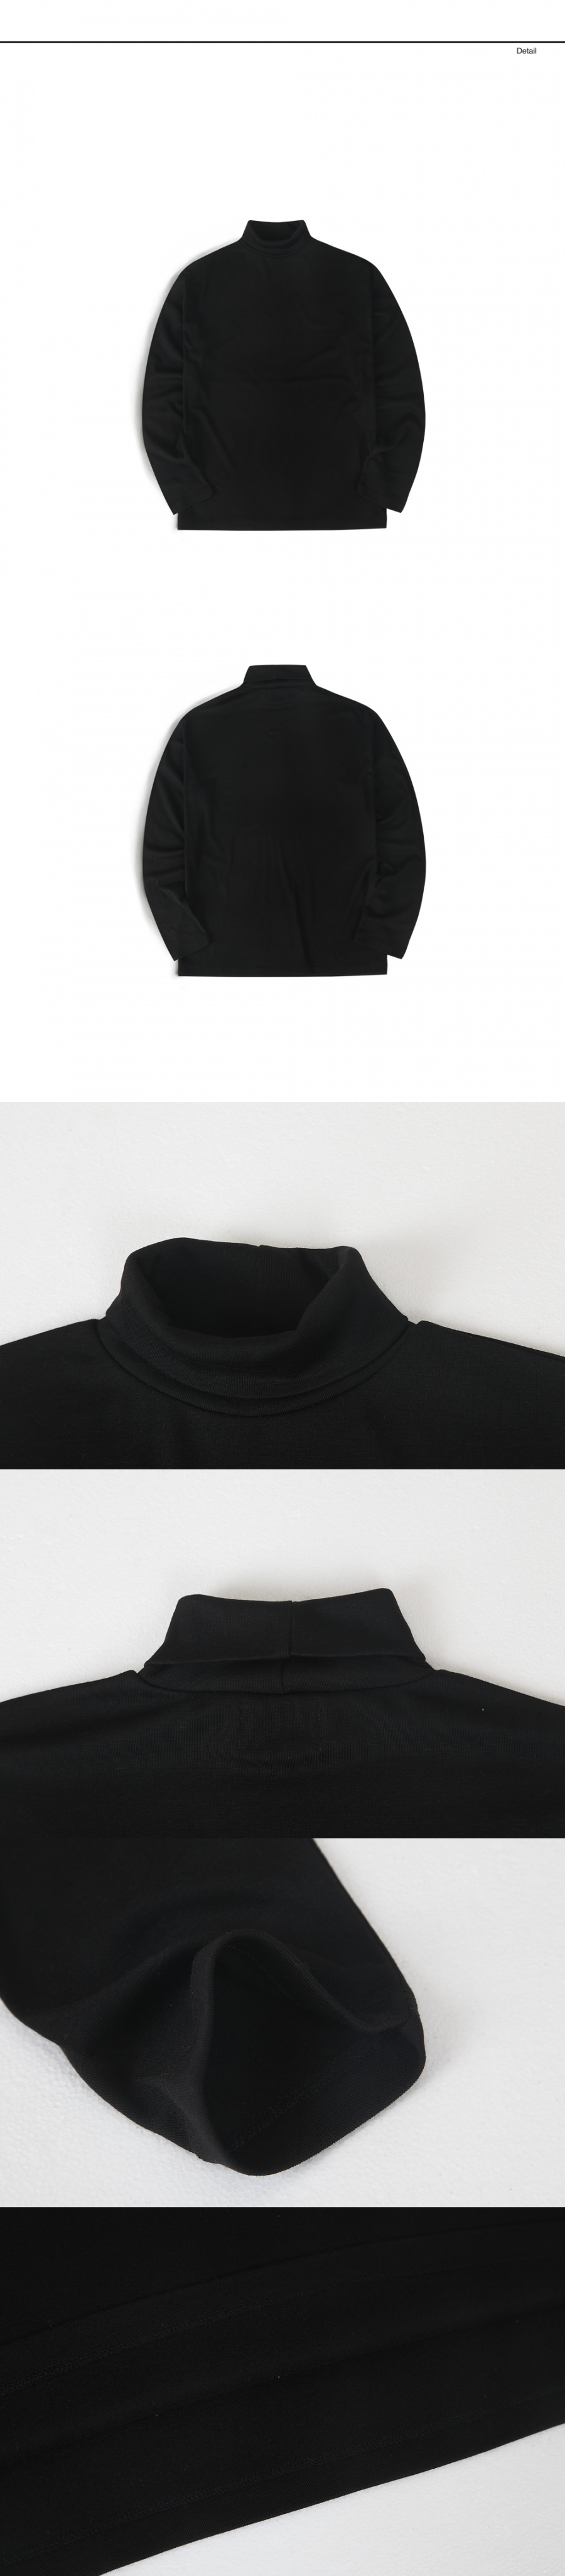 랩12(LAB12) 19S/S 터틀넥 티셔츠 (블랙)